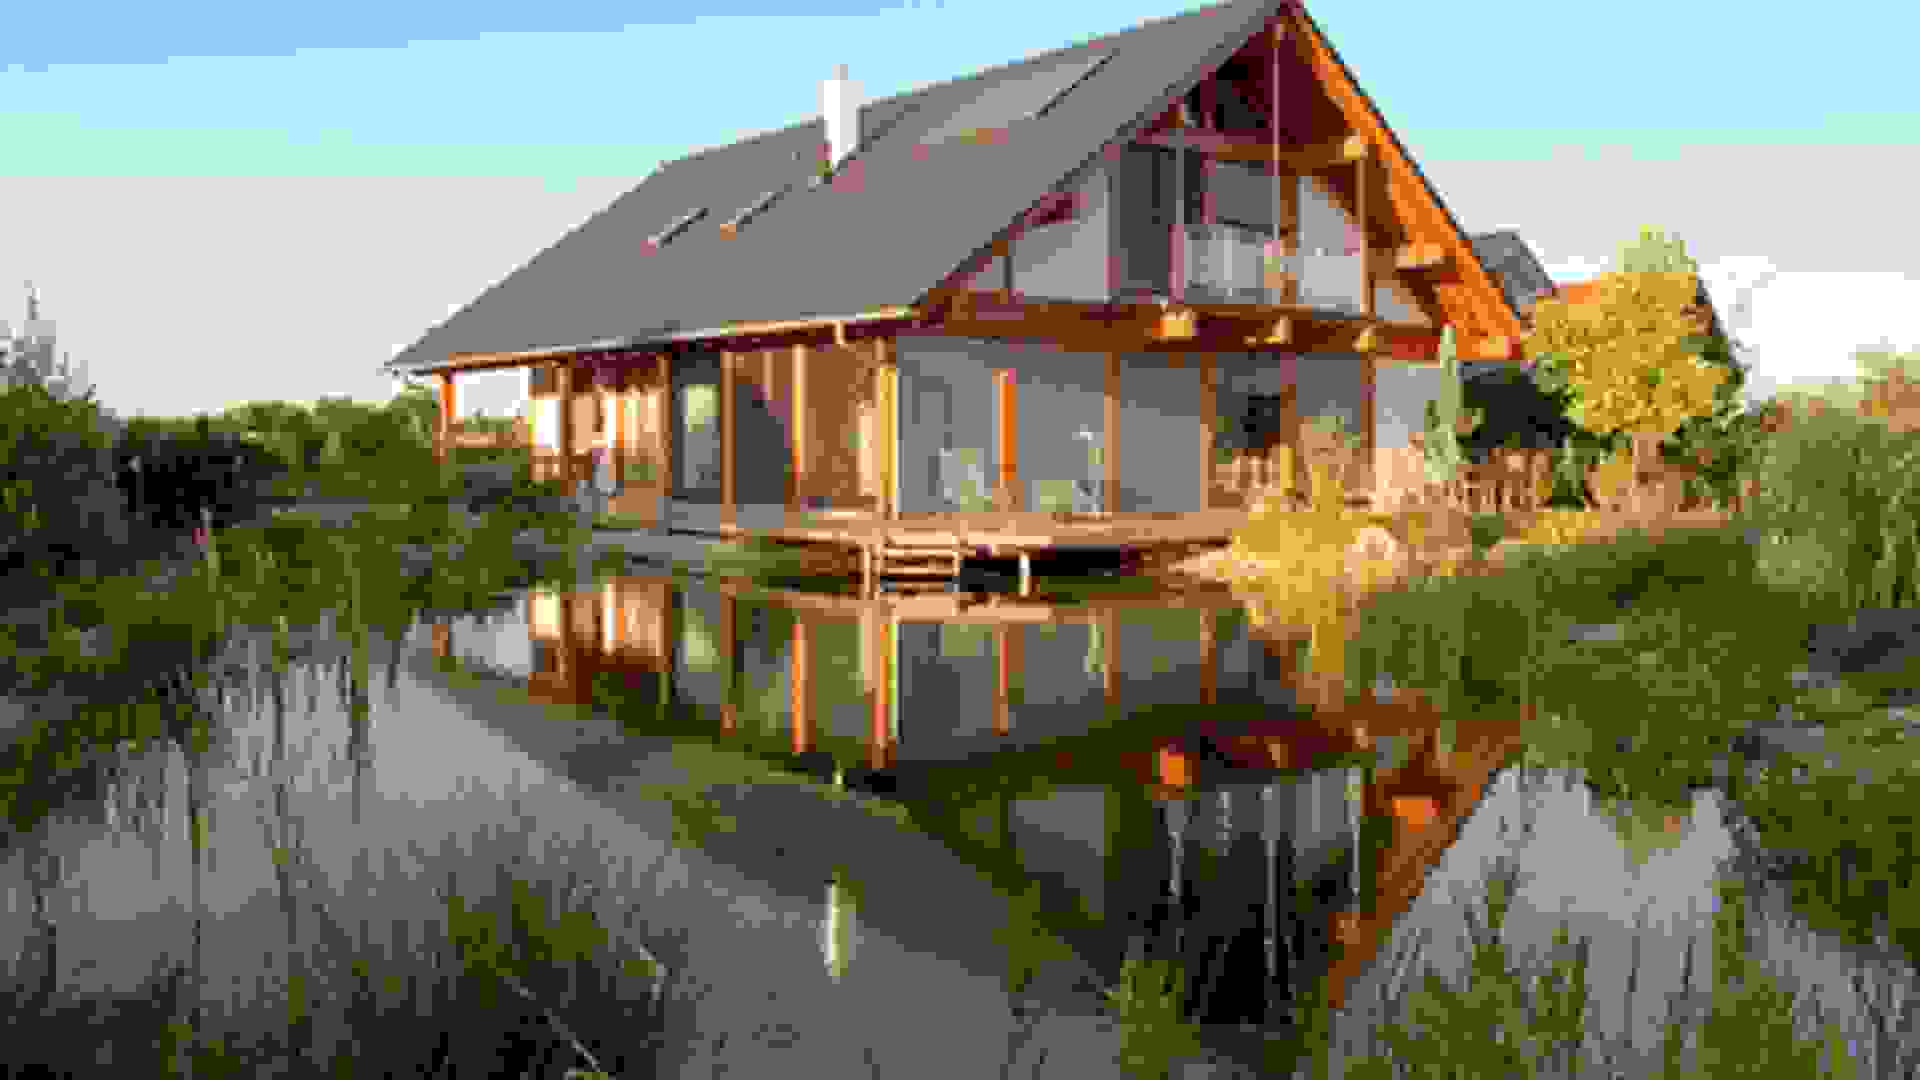 Akzente in Haus und Garten setzen mit dem natürlichsten Element der Welt: Wasser!